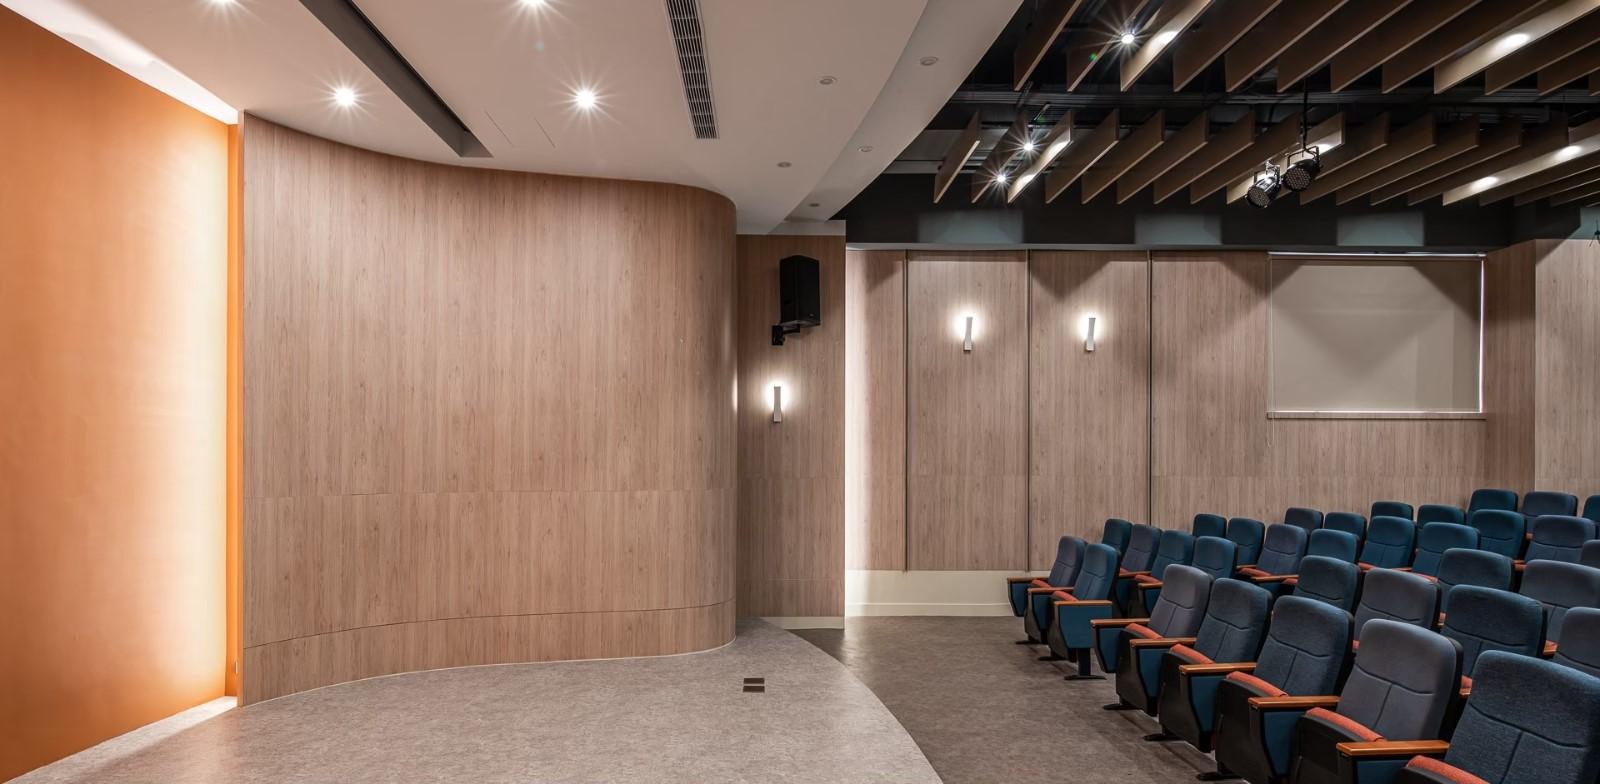 聯榮工學講堂講台壁面設計採圓潤的弧面,為特色之一。.jpg